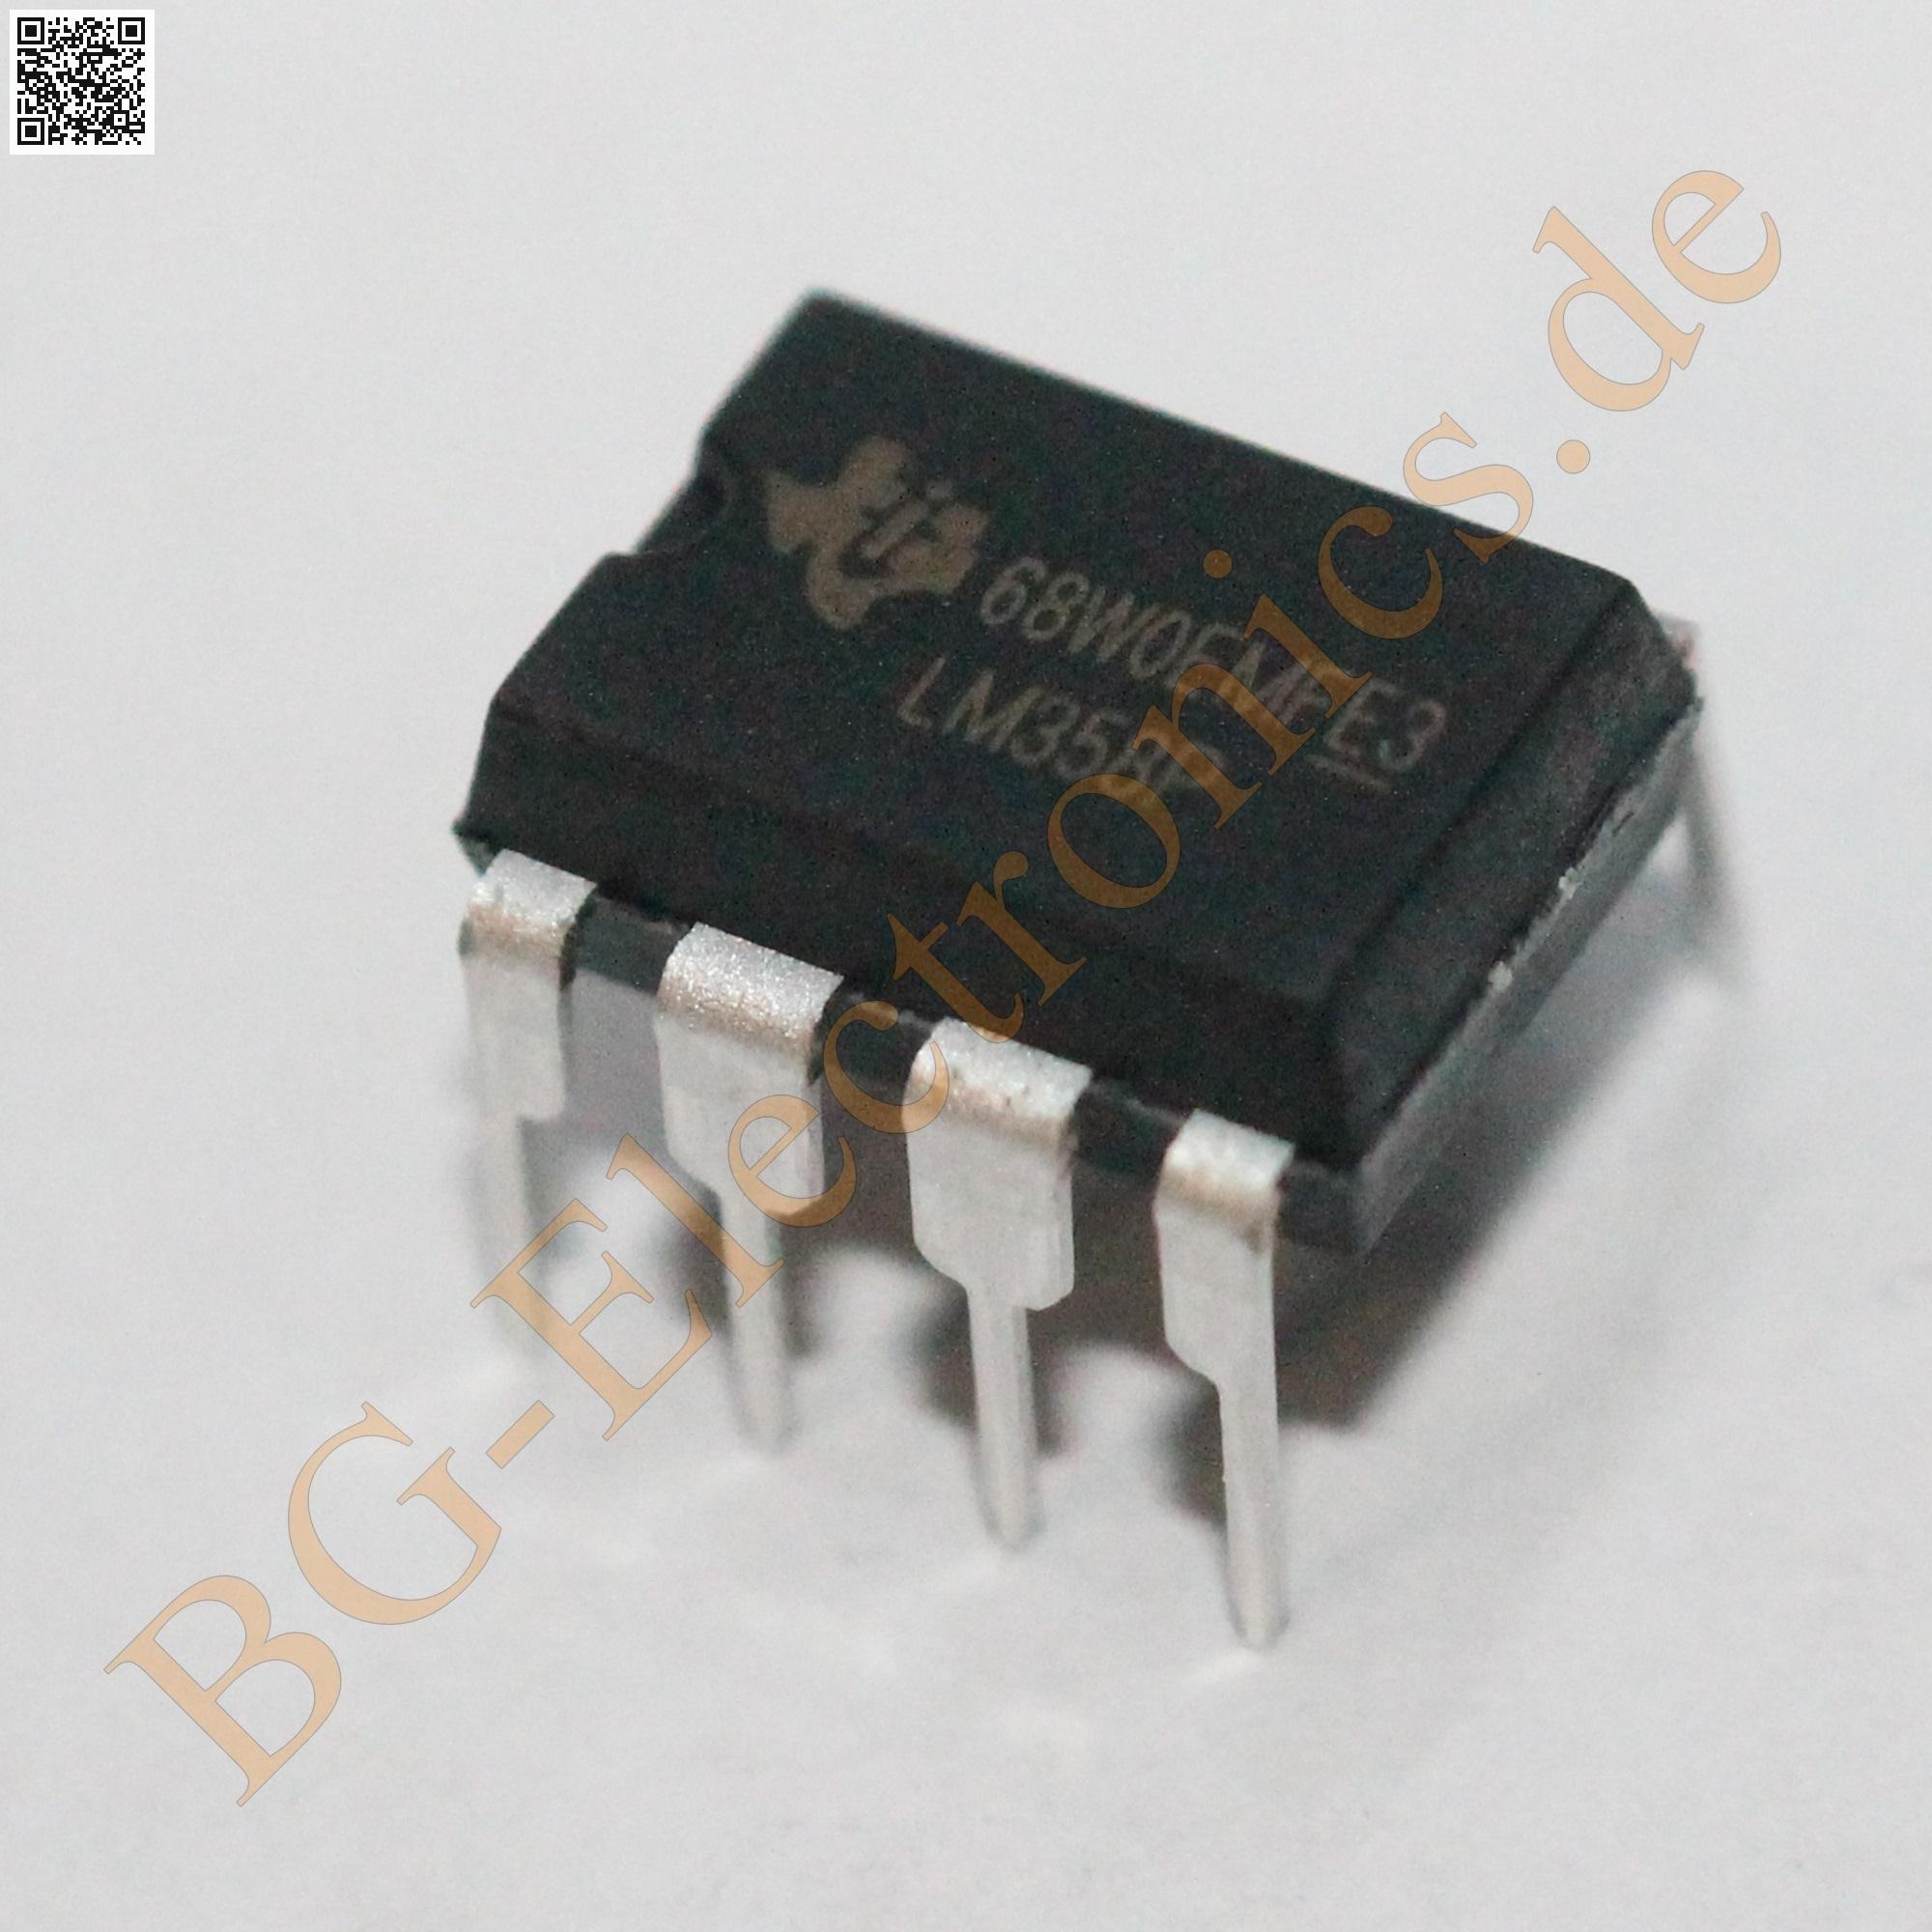 LM358P, BG-ELECTRONICS LM358N, LM358